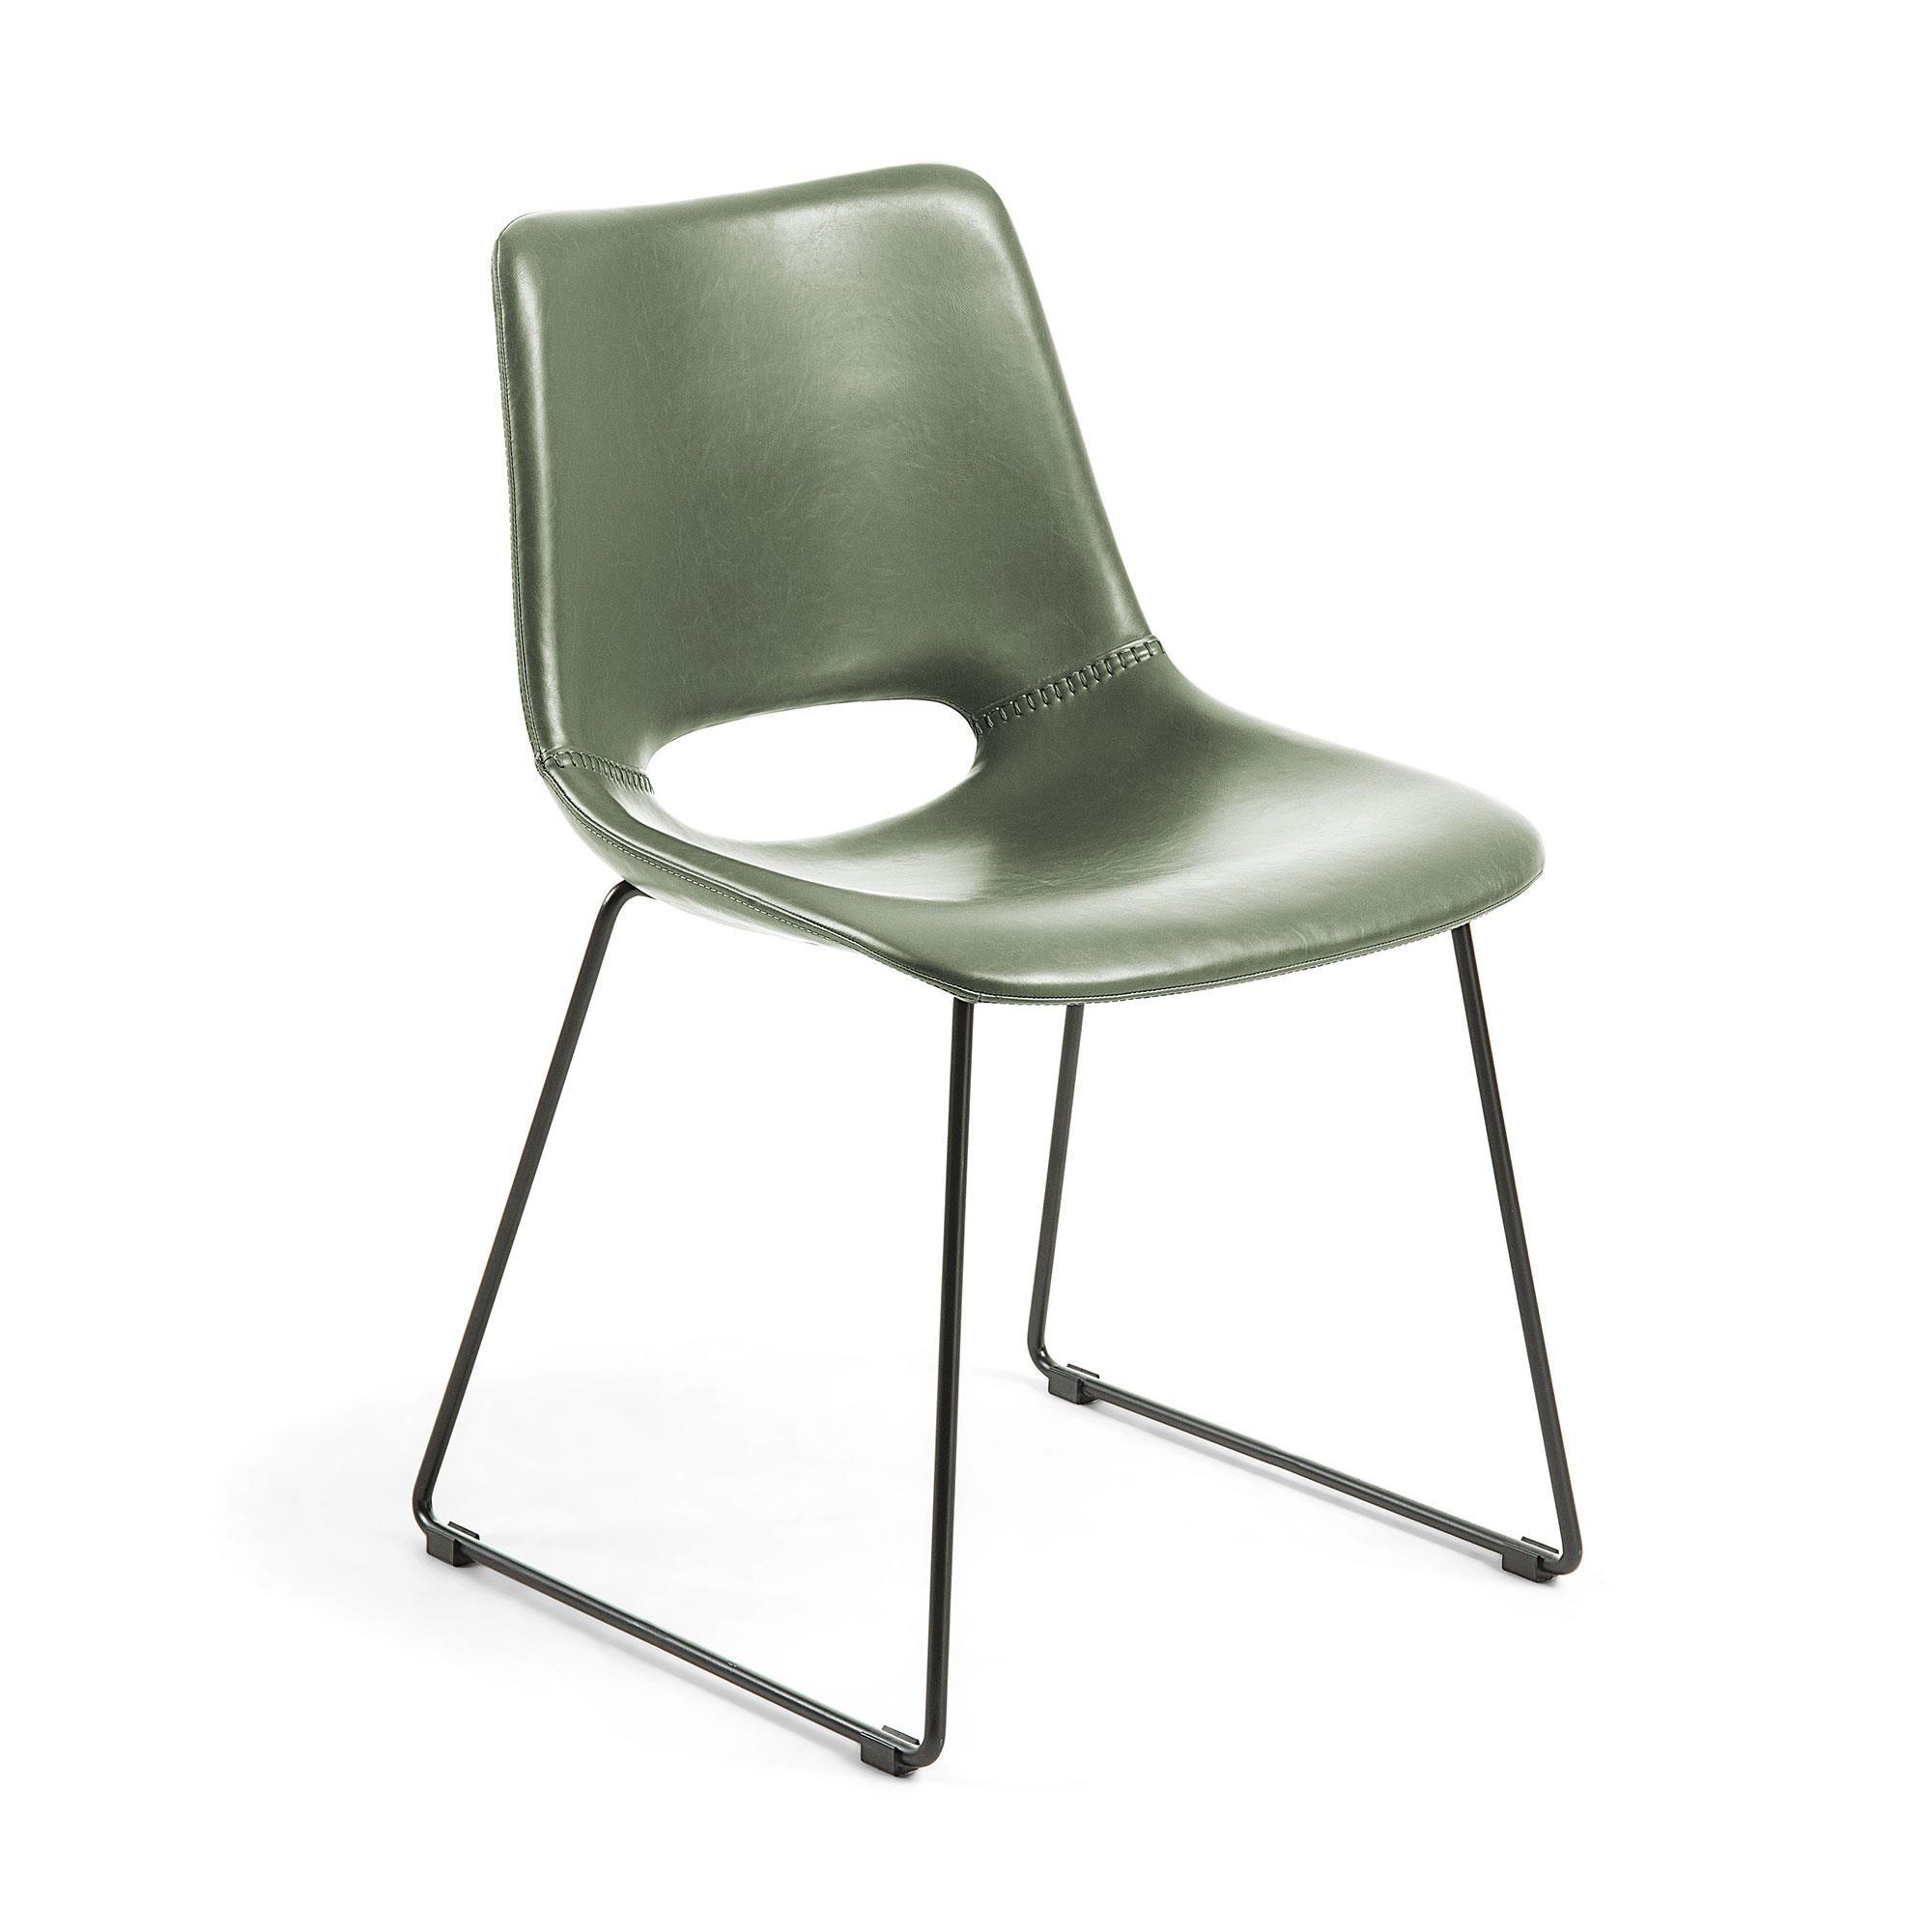 Krzesło HOLGEN 49x55 kolor zielony